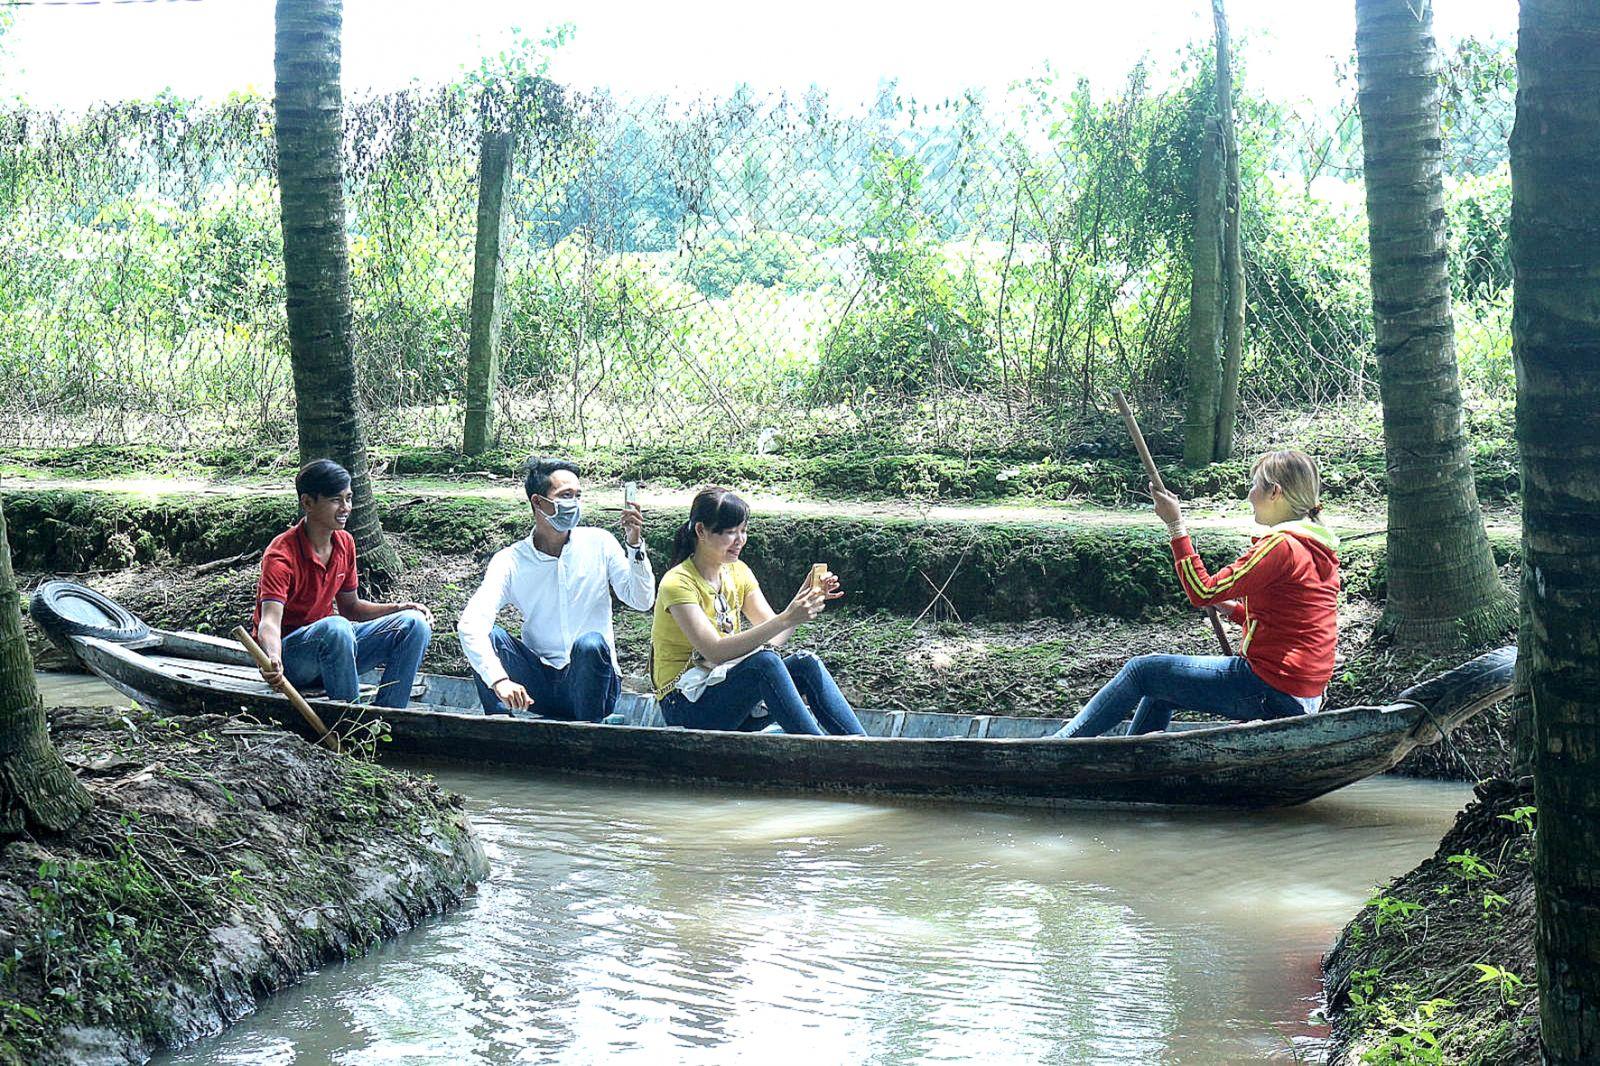 Du khách trải nghiệm bơi ghe ở vườn dừa của ông Lê Tấn Nhường. Ảnh: ÁI LAM